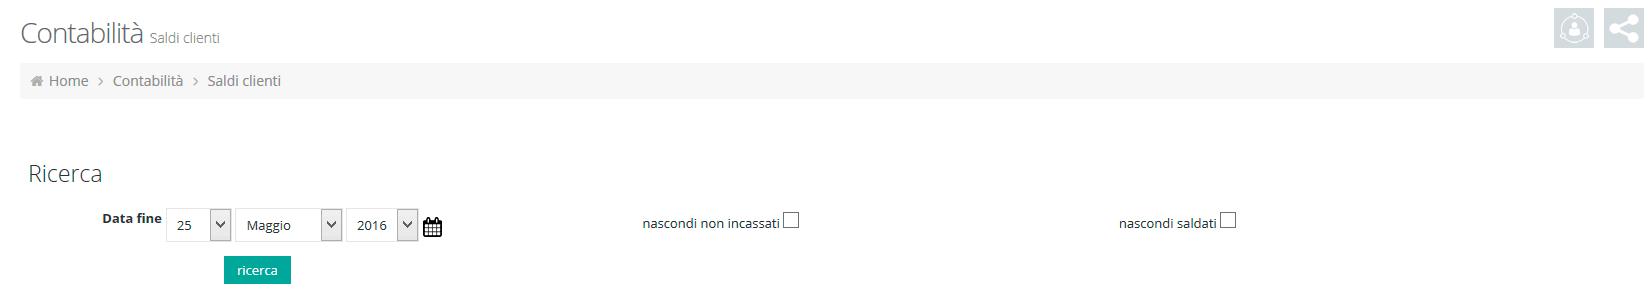 saldi_clienti